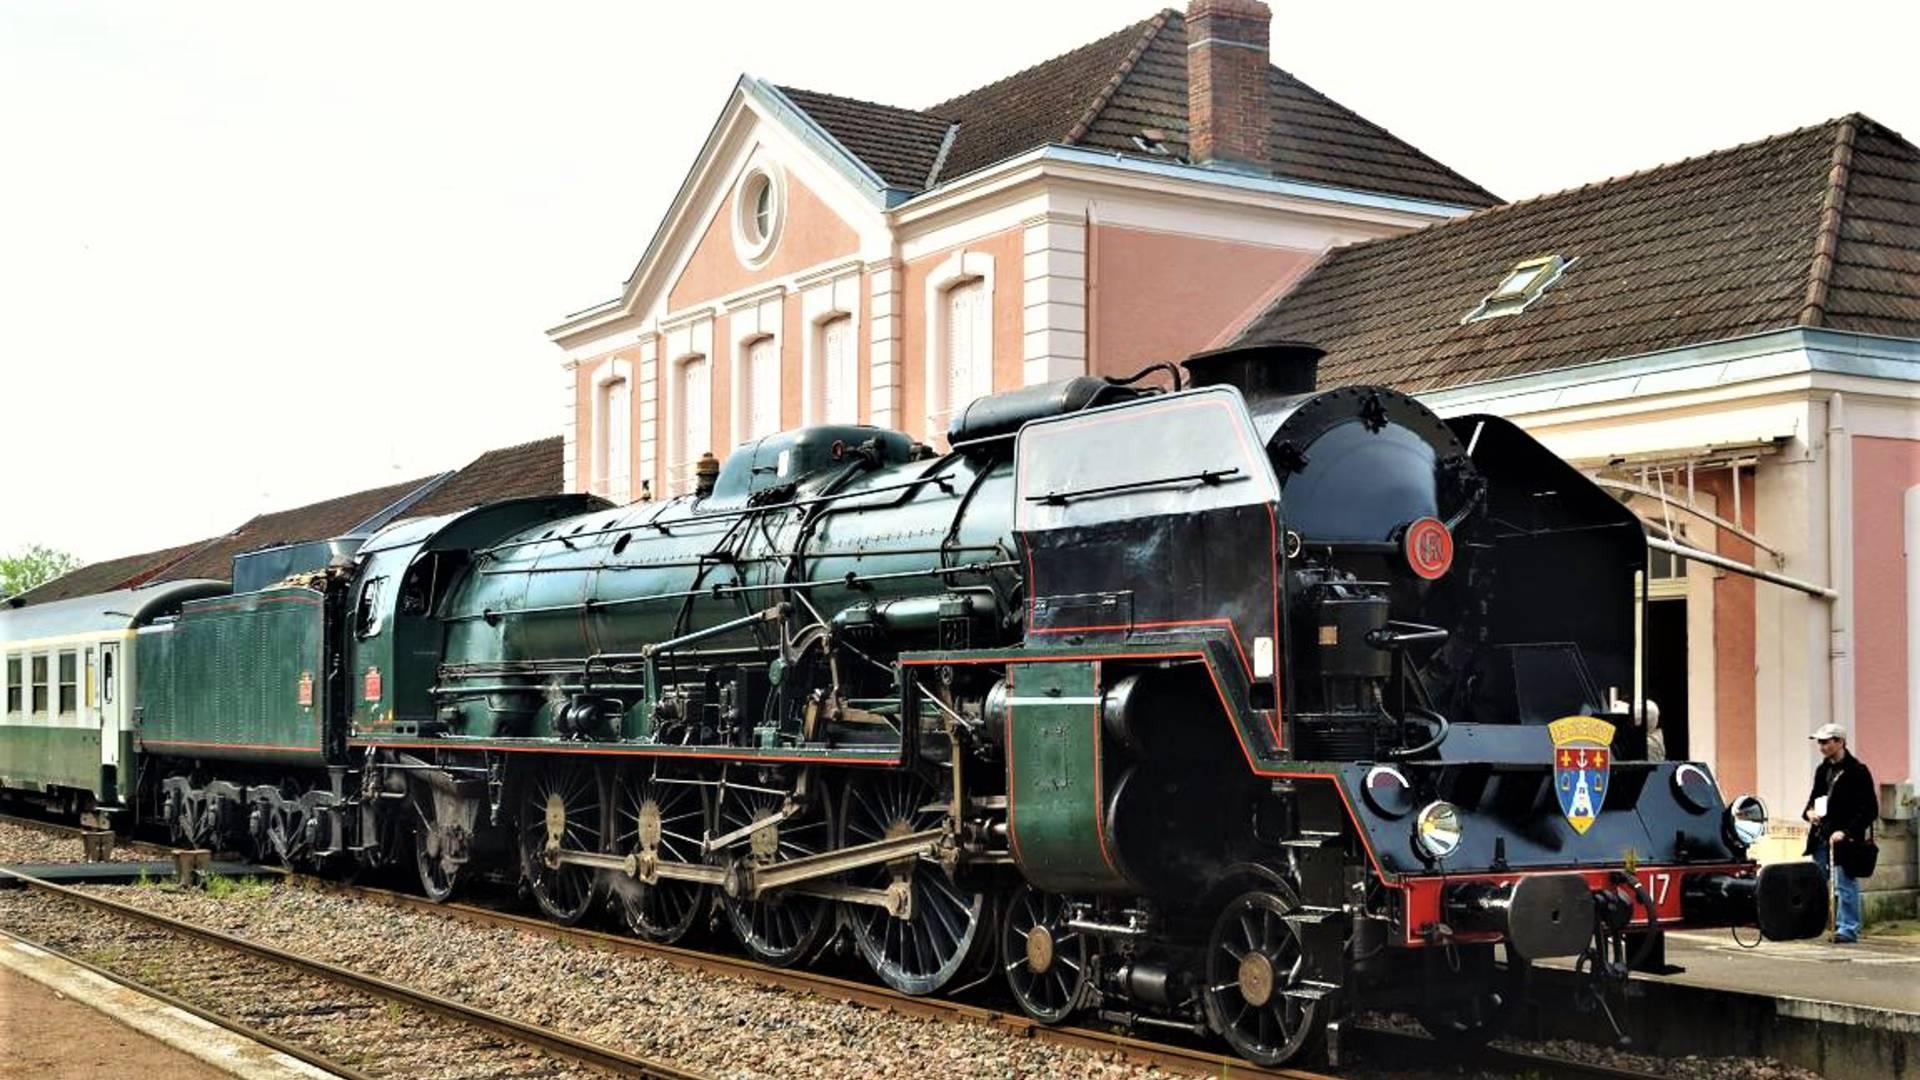 La locomotive 241 P 17 en gar du Creusot. © Chemins de Fer du Creusot.